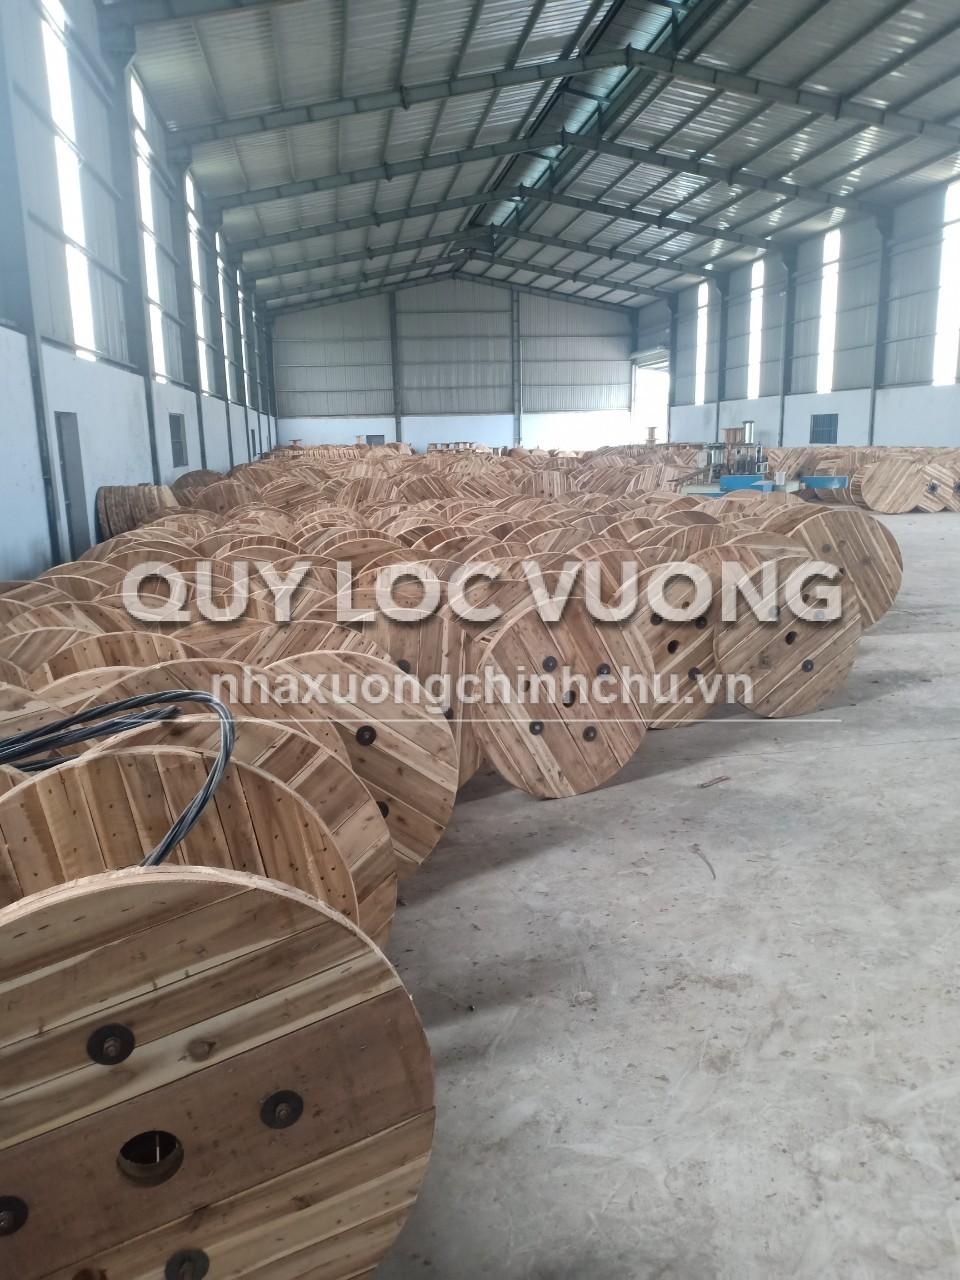 Cho thuê 2 xưởng diện tích 2.200m2 ấp Phú Sơn huyện Trảng Bom Đồng Nai